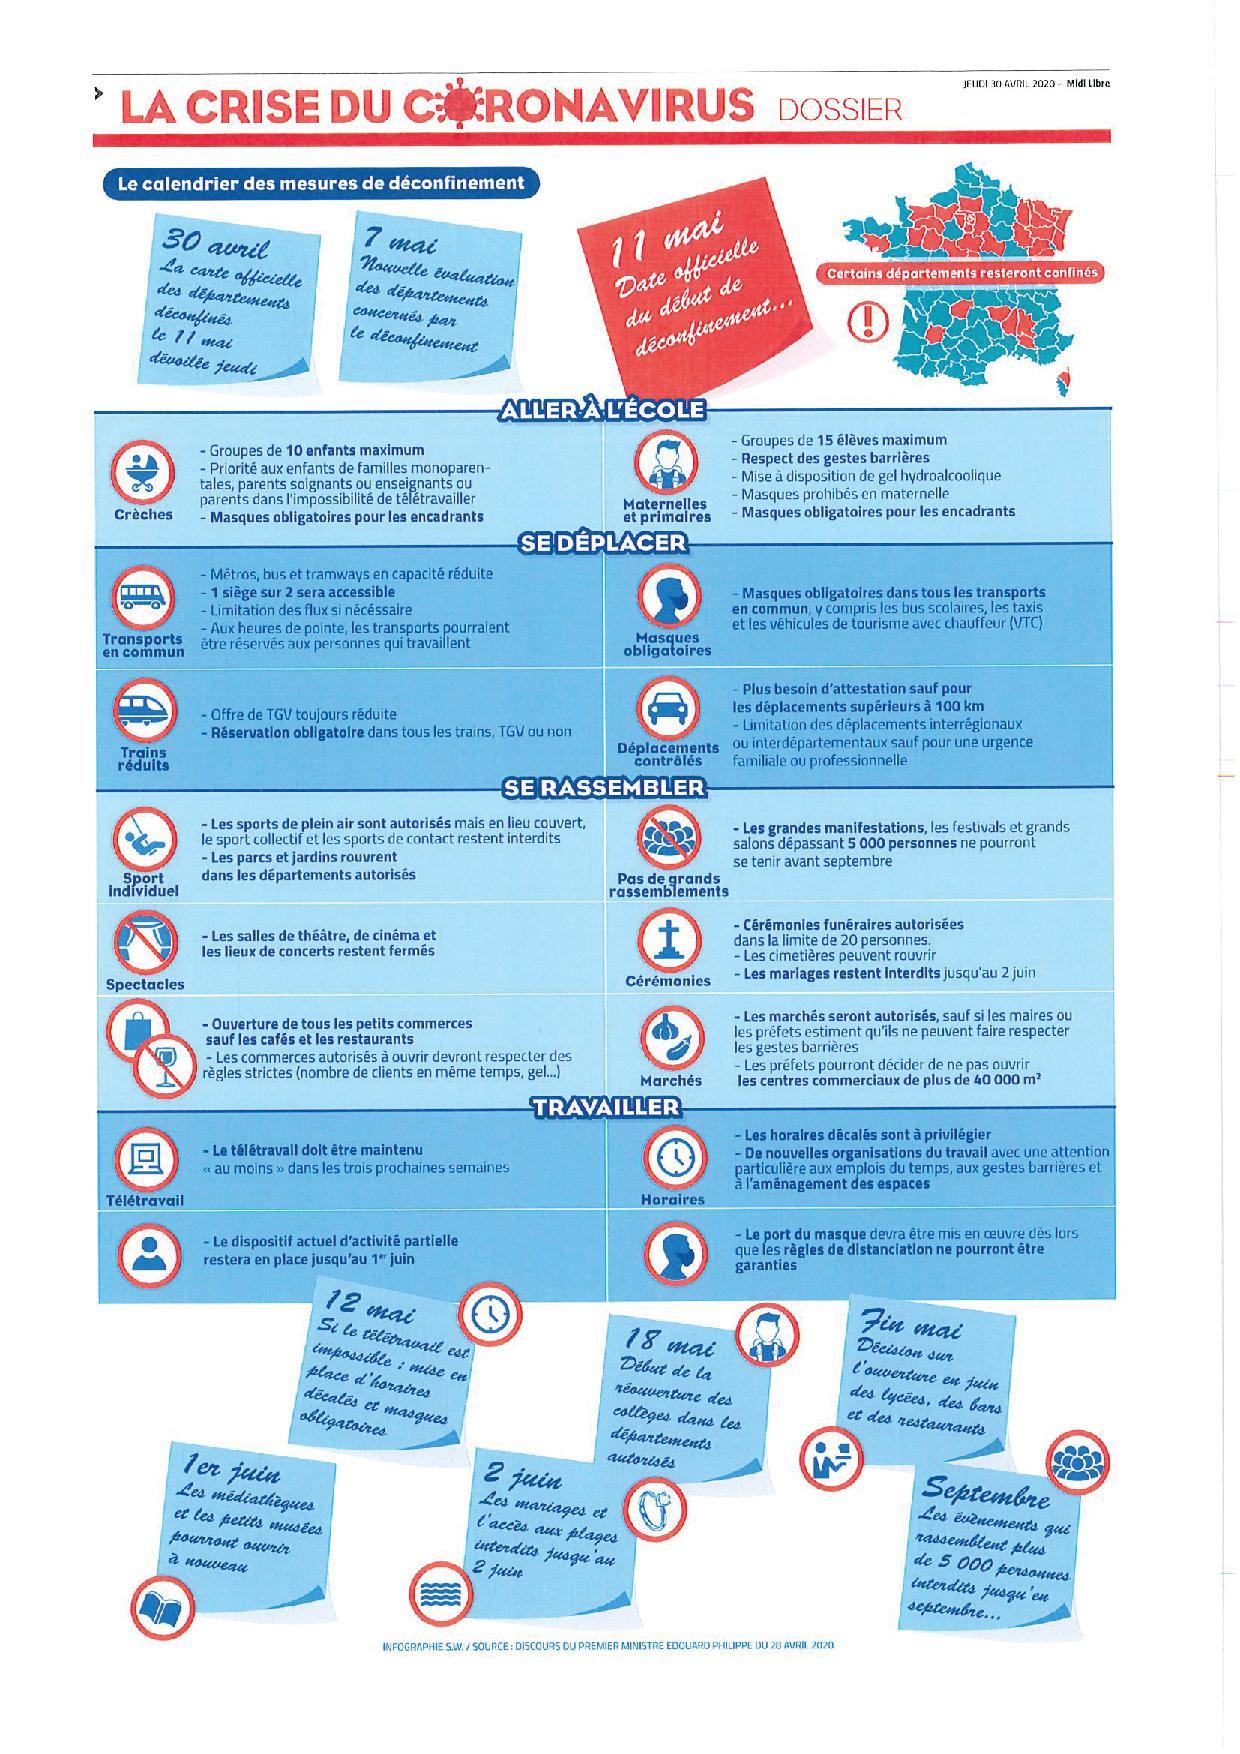 """Calendrier des mesures de déconfinement ou """"confinement adapté"""" et carte par département """"vert"""" ou """"rouge"""""""